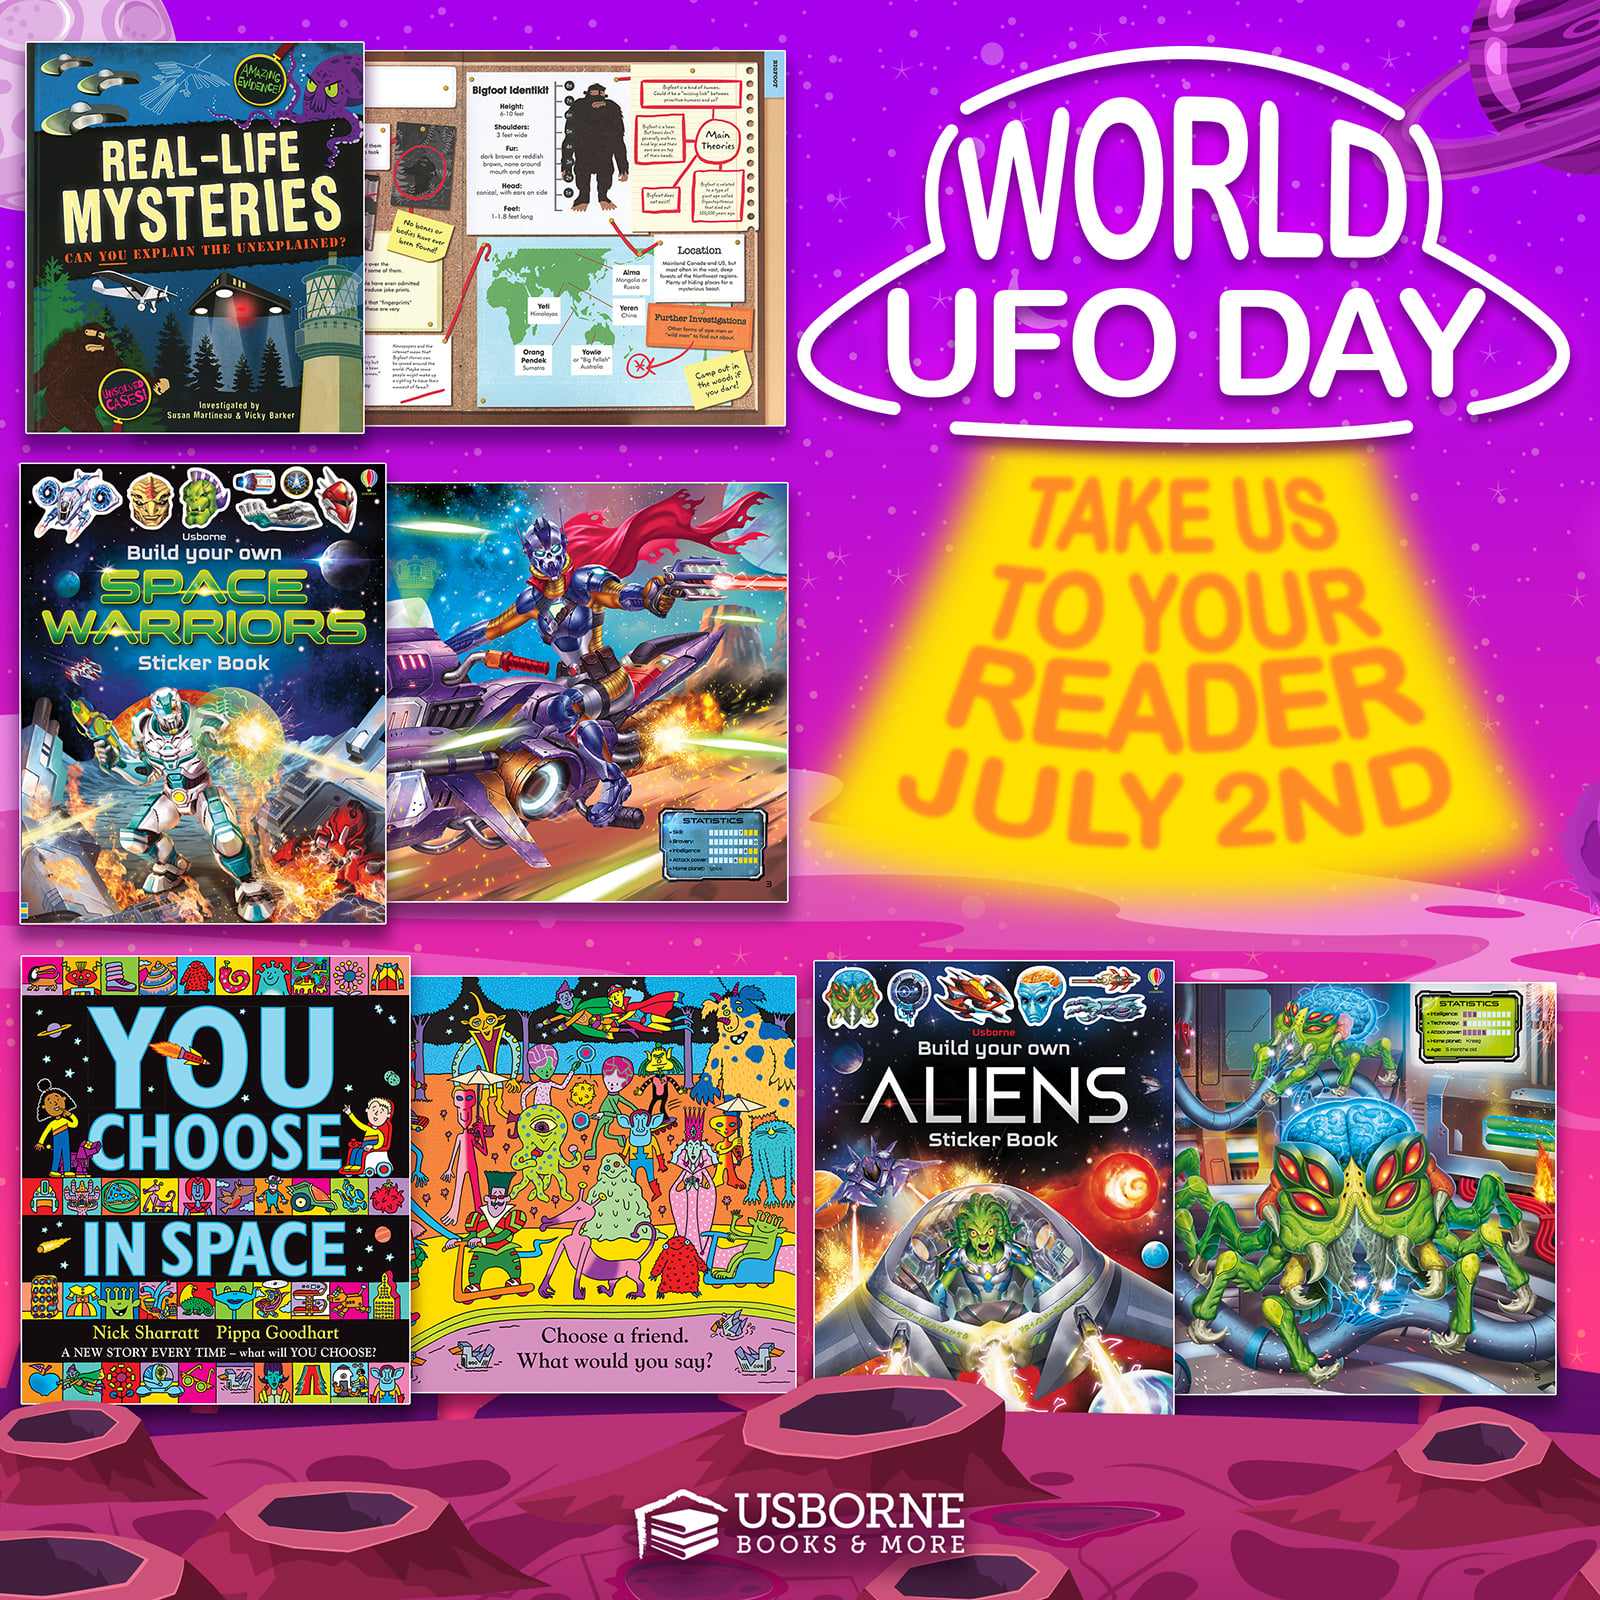 World UFO Day ~ July 2